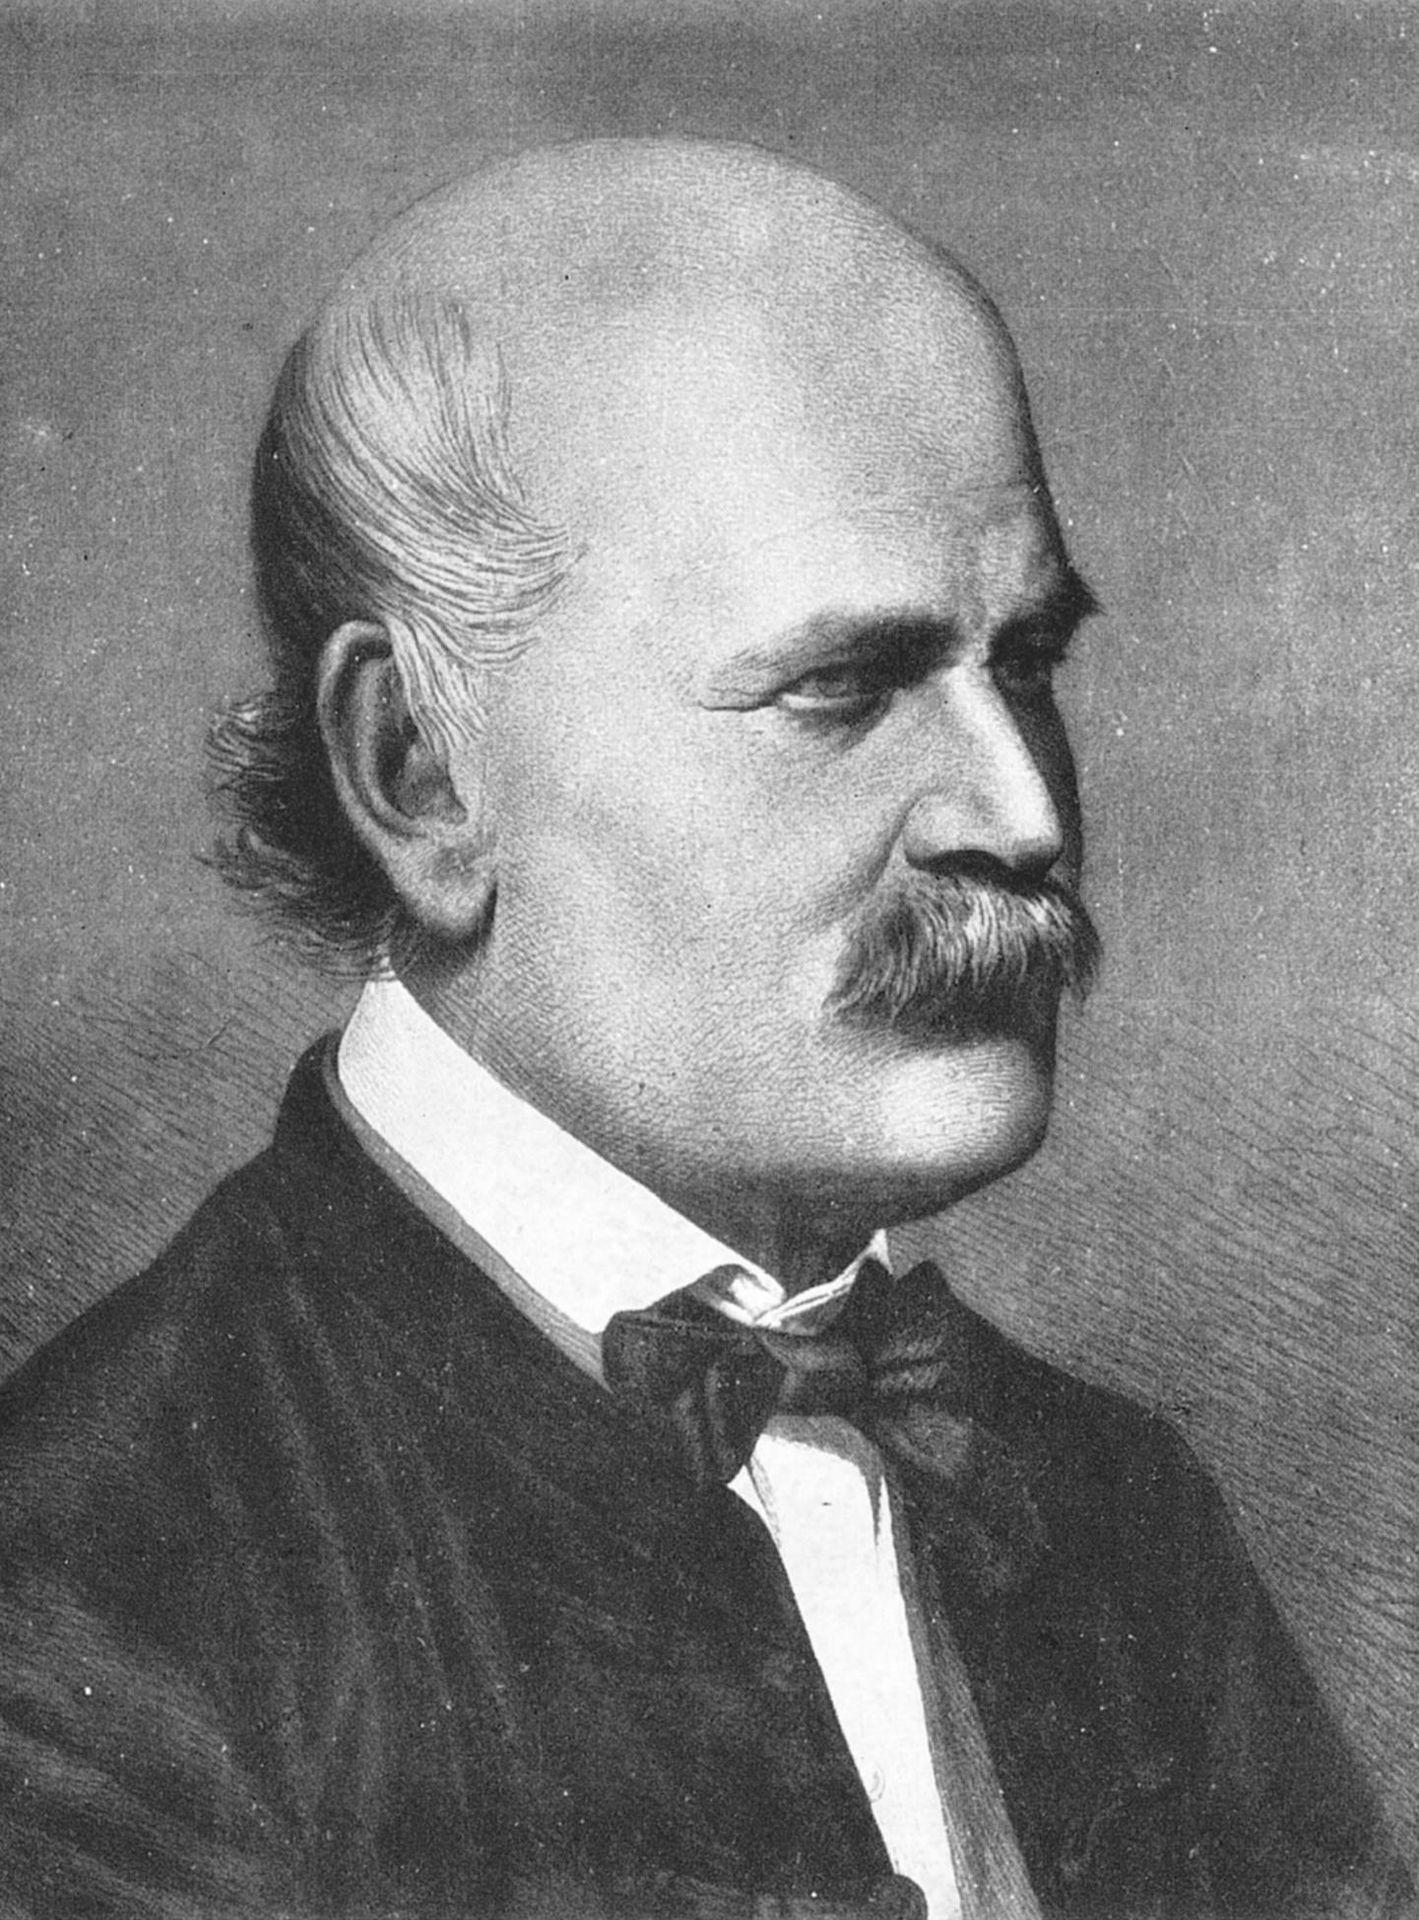 ignazsemmelweis1860.jpg